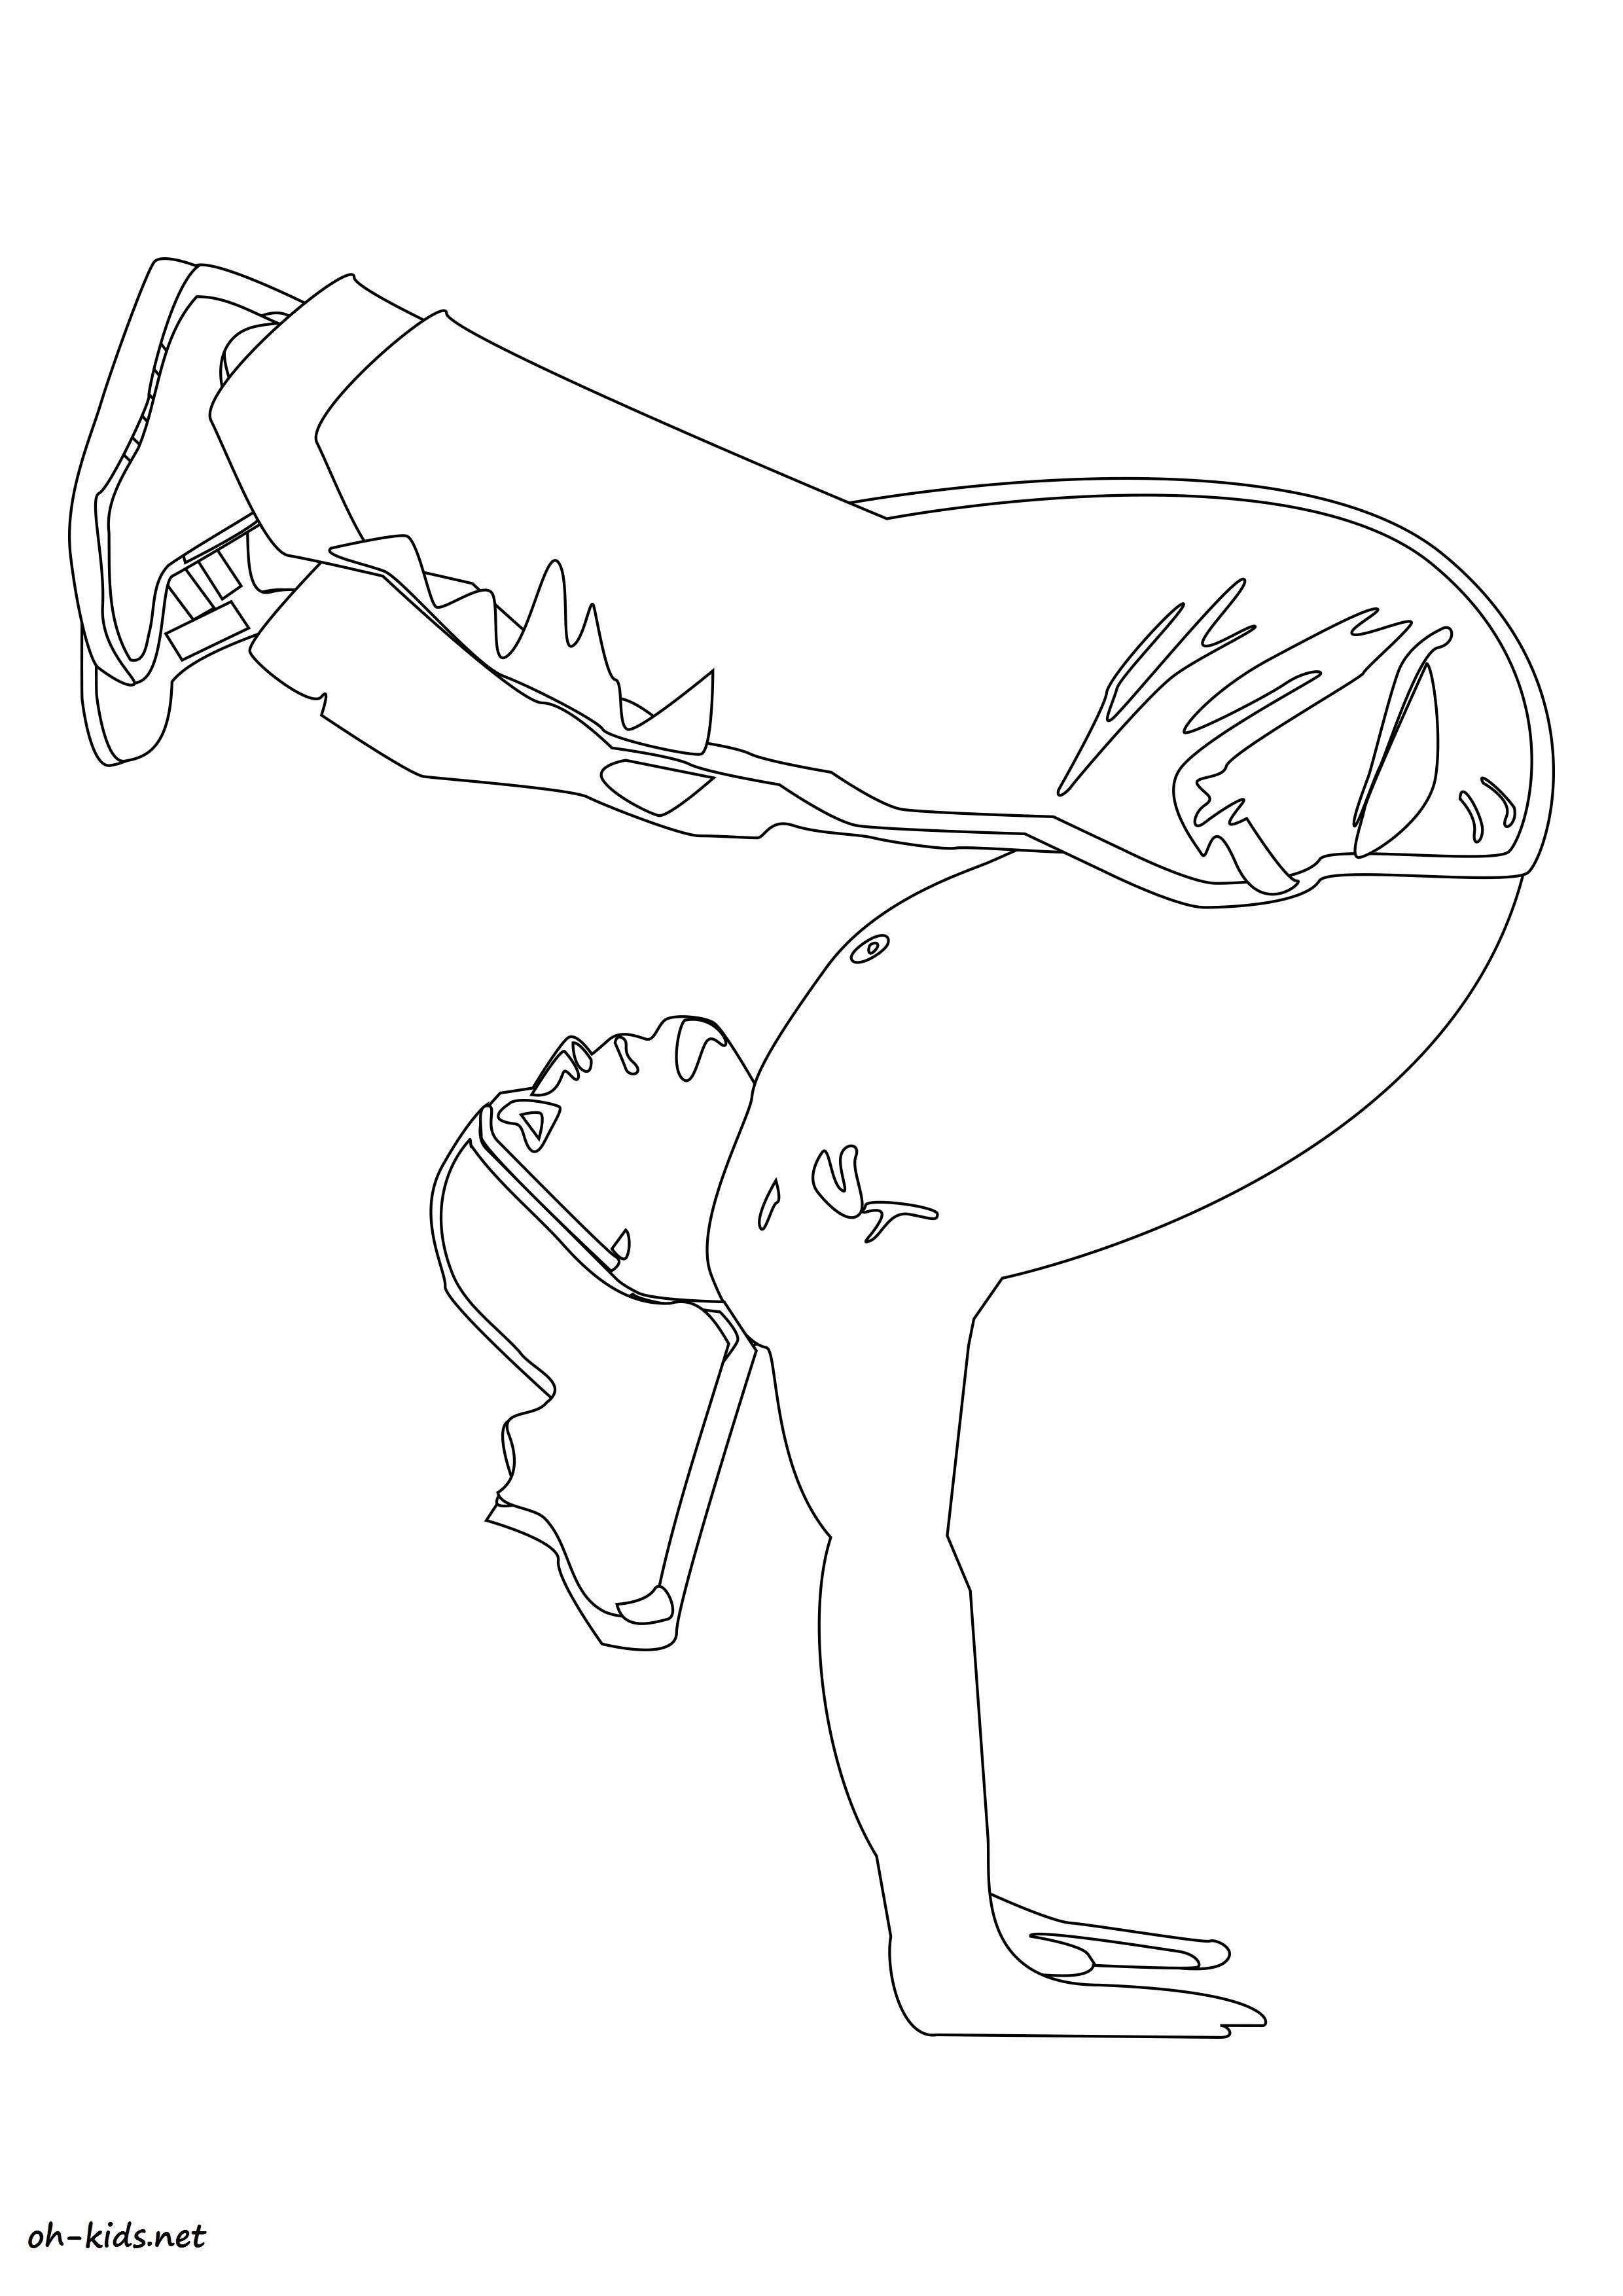 Coloriage gymnastique a imprimer et colorier Dessin 1376